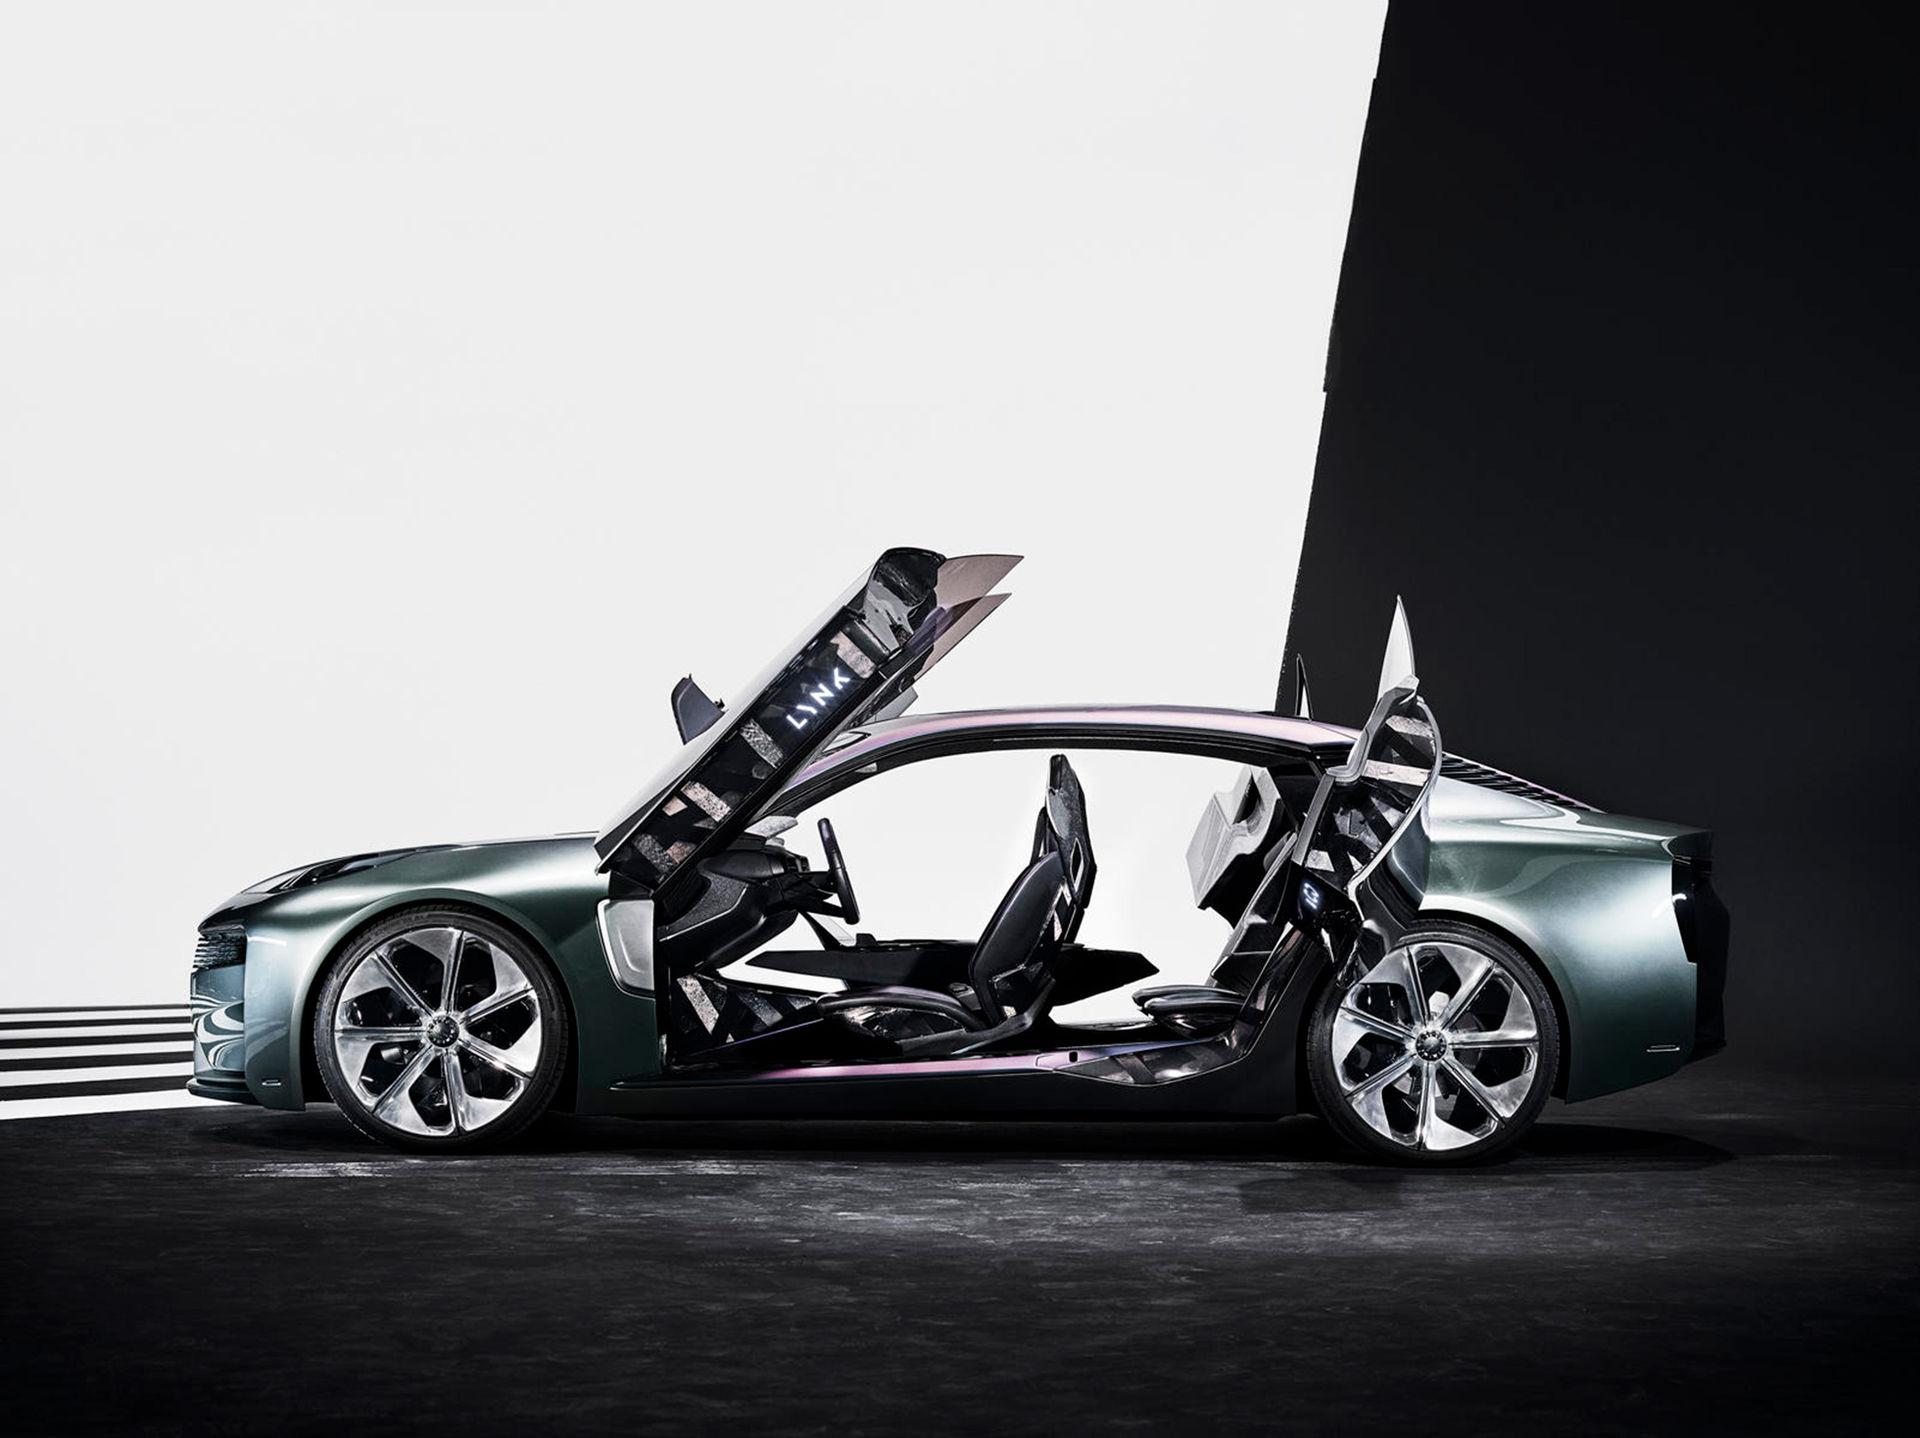 Ny konceptbil från Lynk & Co